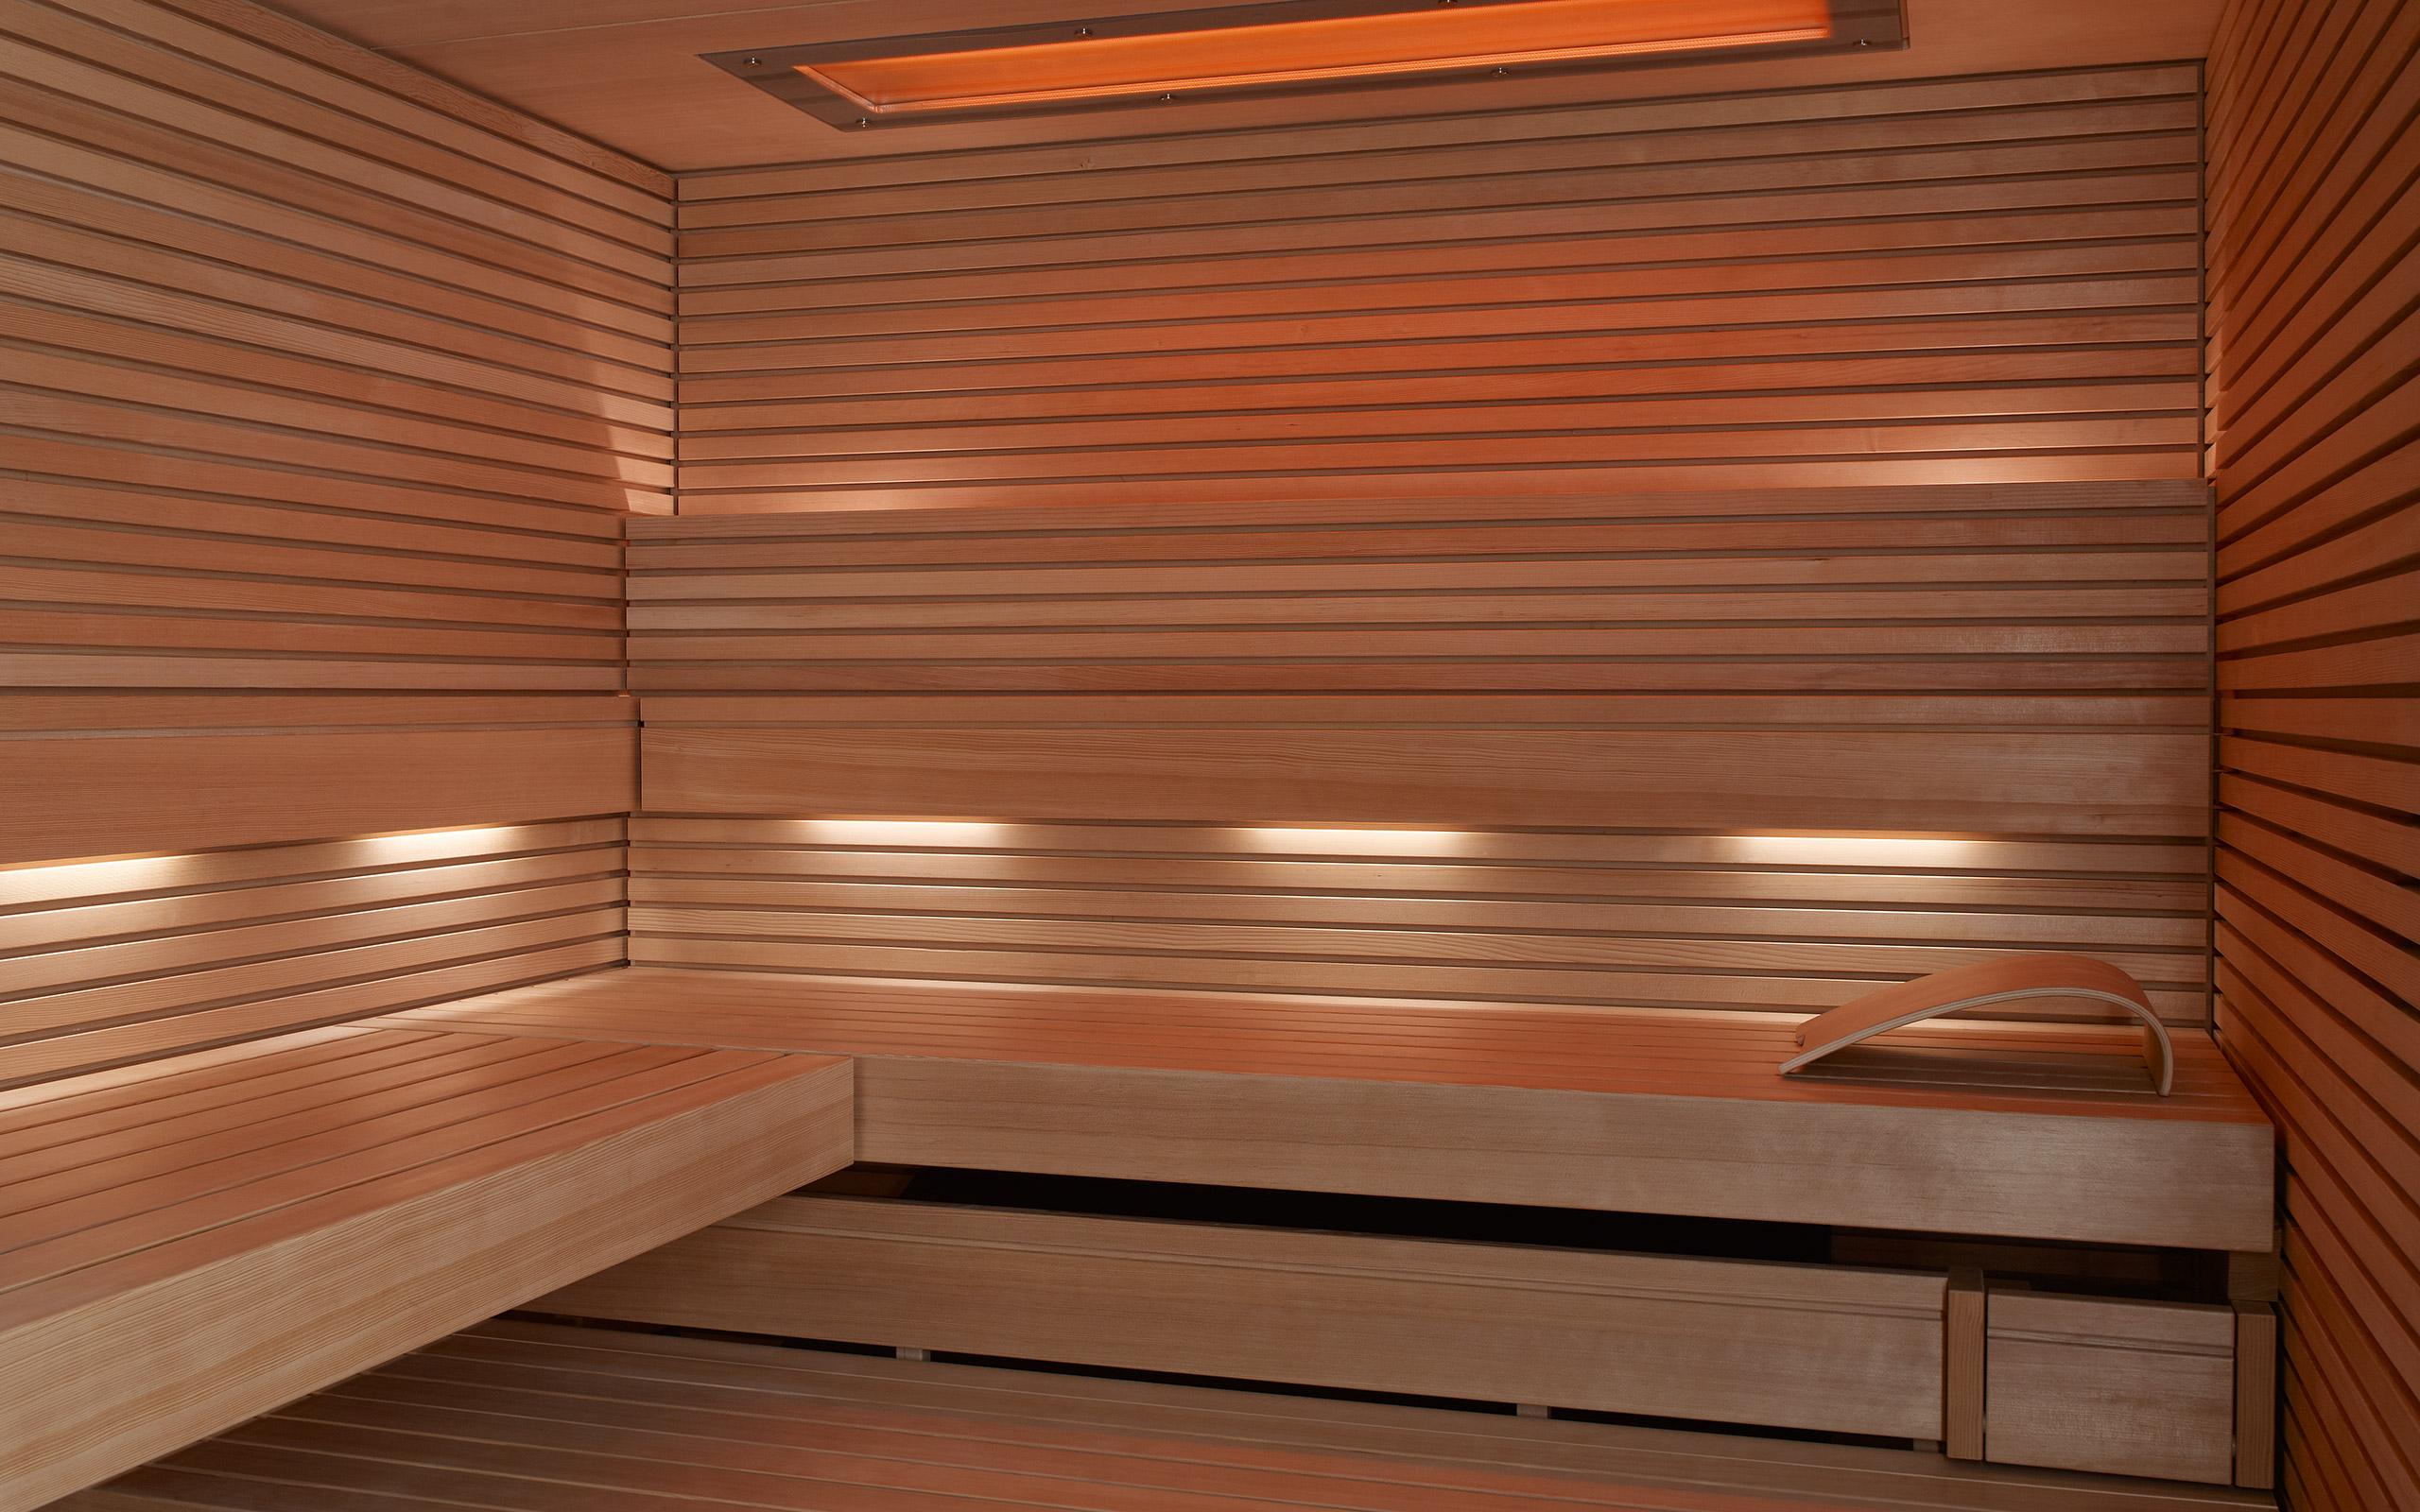 Фото отделки бани внутри: обзор популярных вариантов